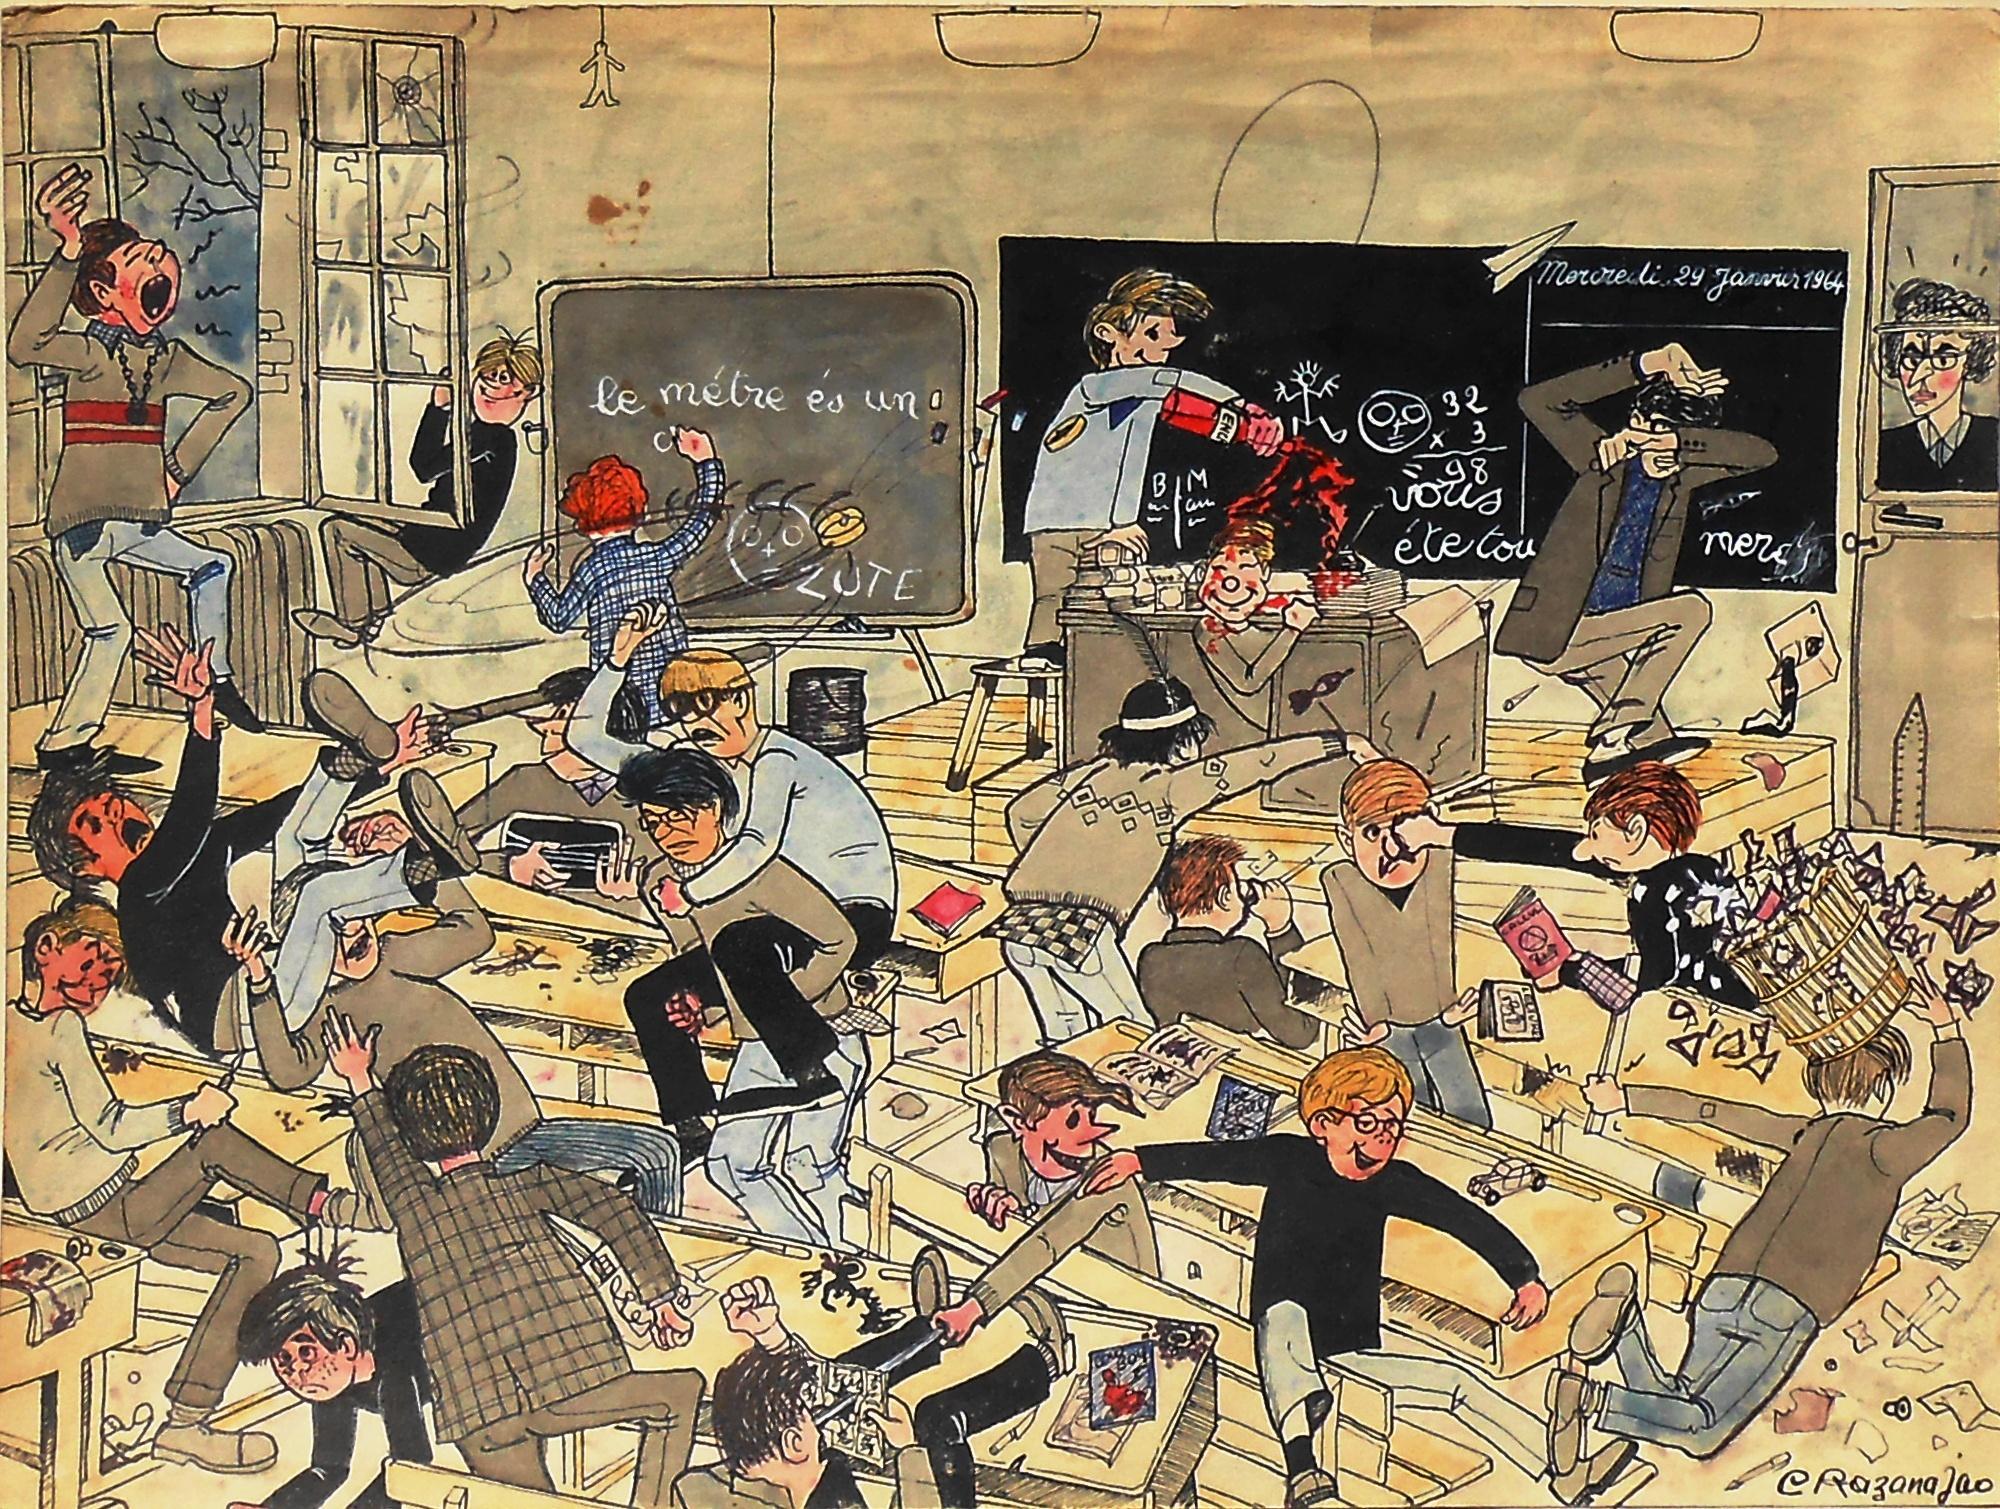 Extrêmement Récréations graphiques de Claude Razanajao 2: dessins de circonstances BK39